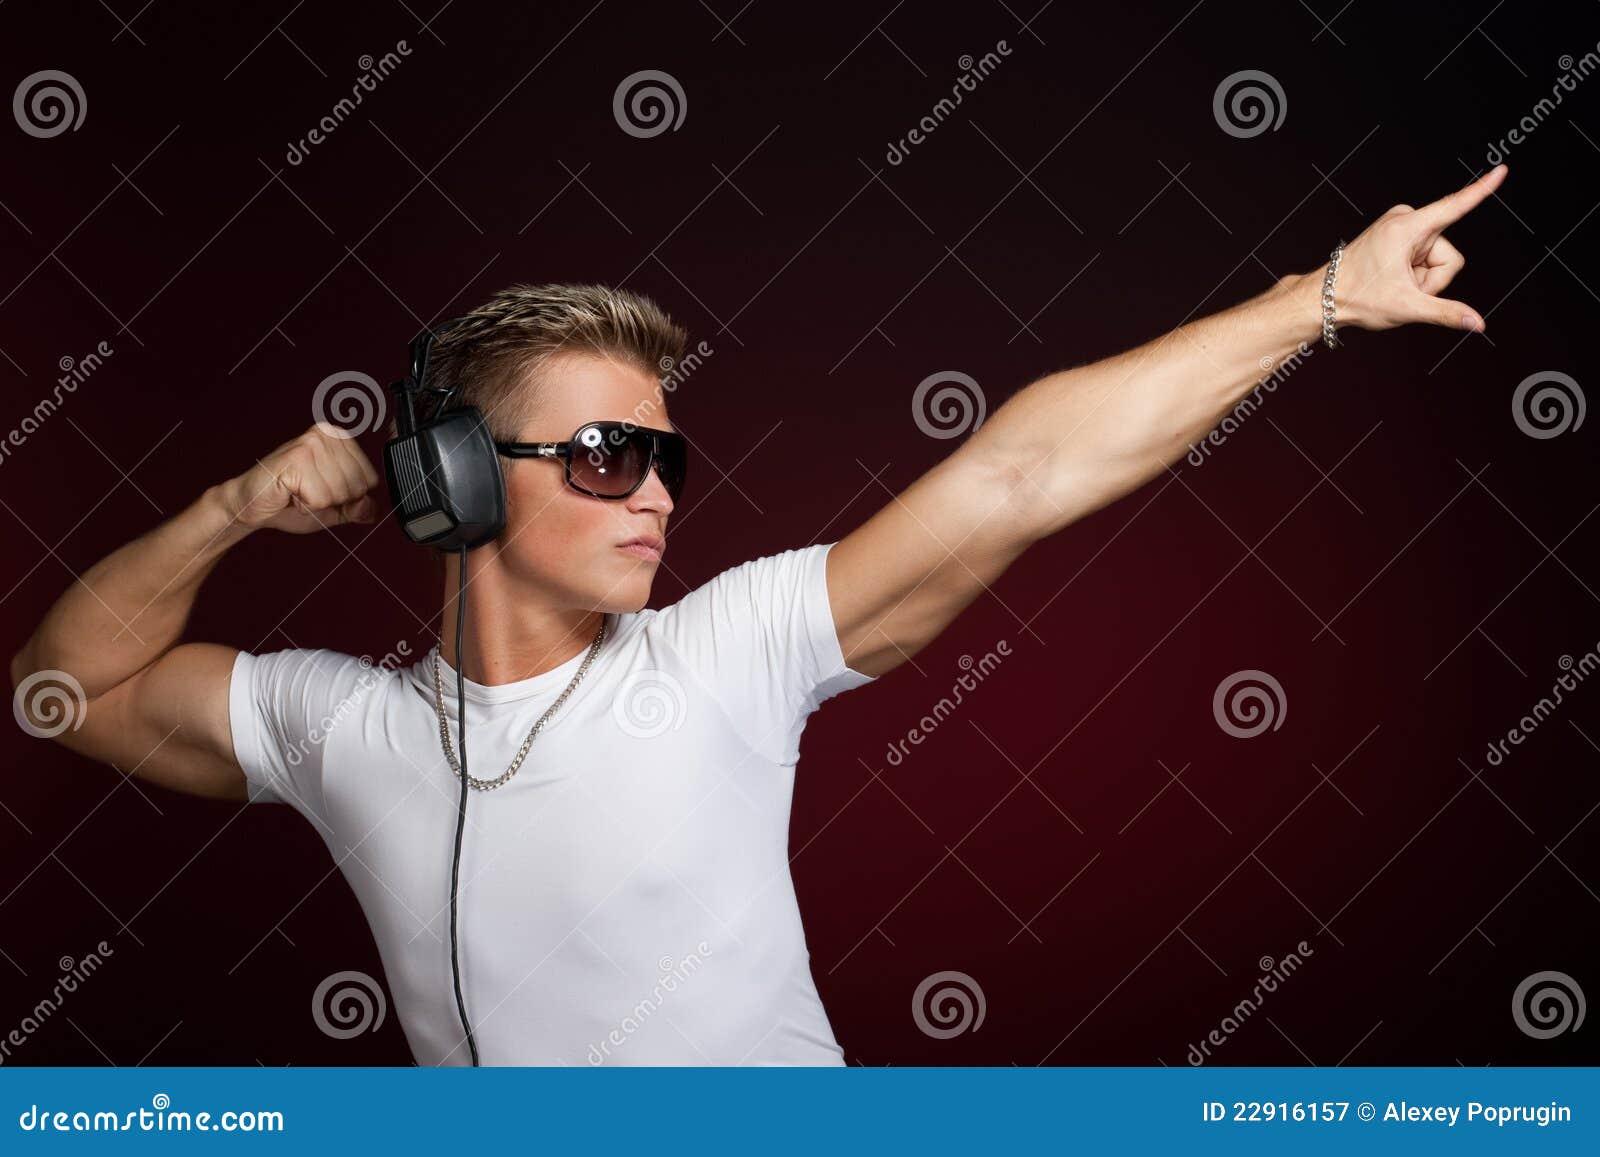 Dança DJ